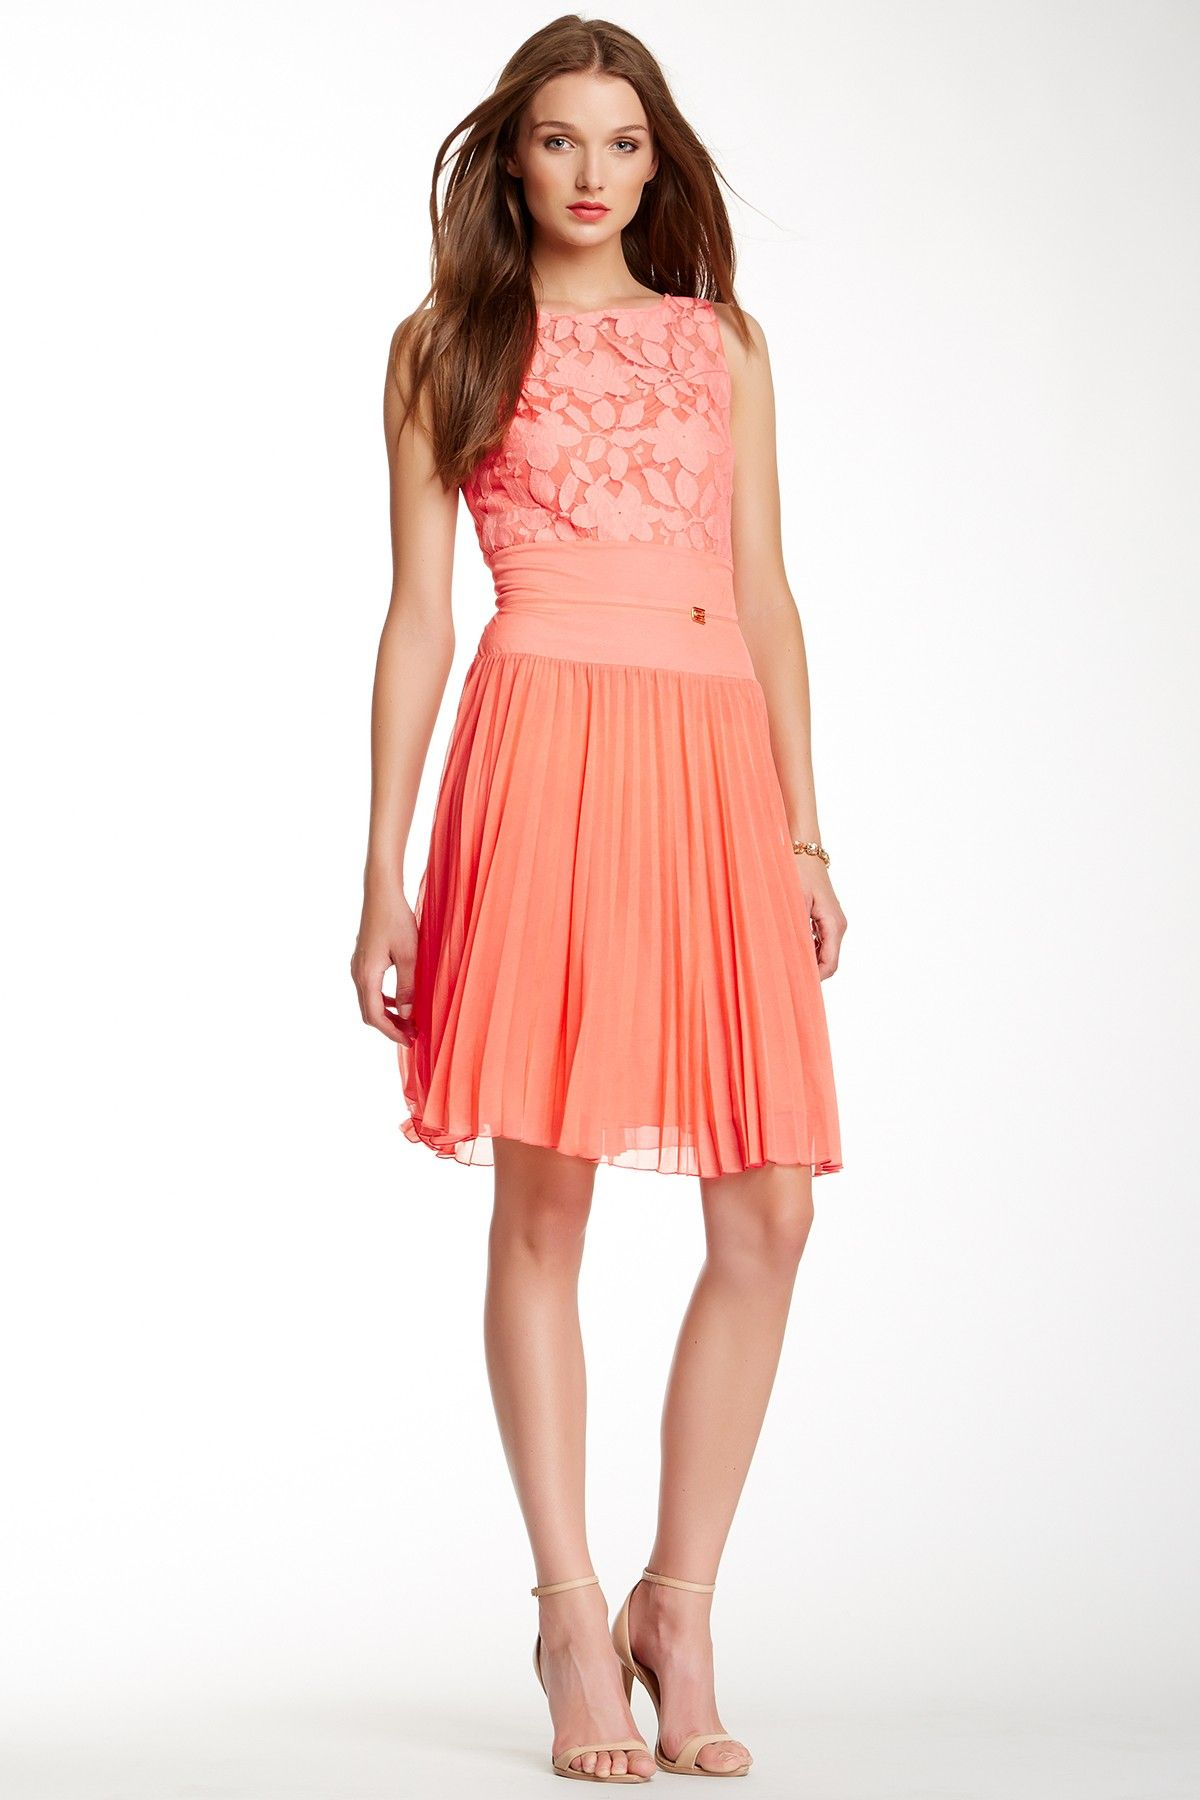 Lace Sleeveless Pleated Dress on HauteLook